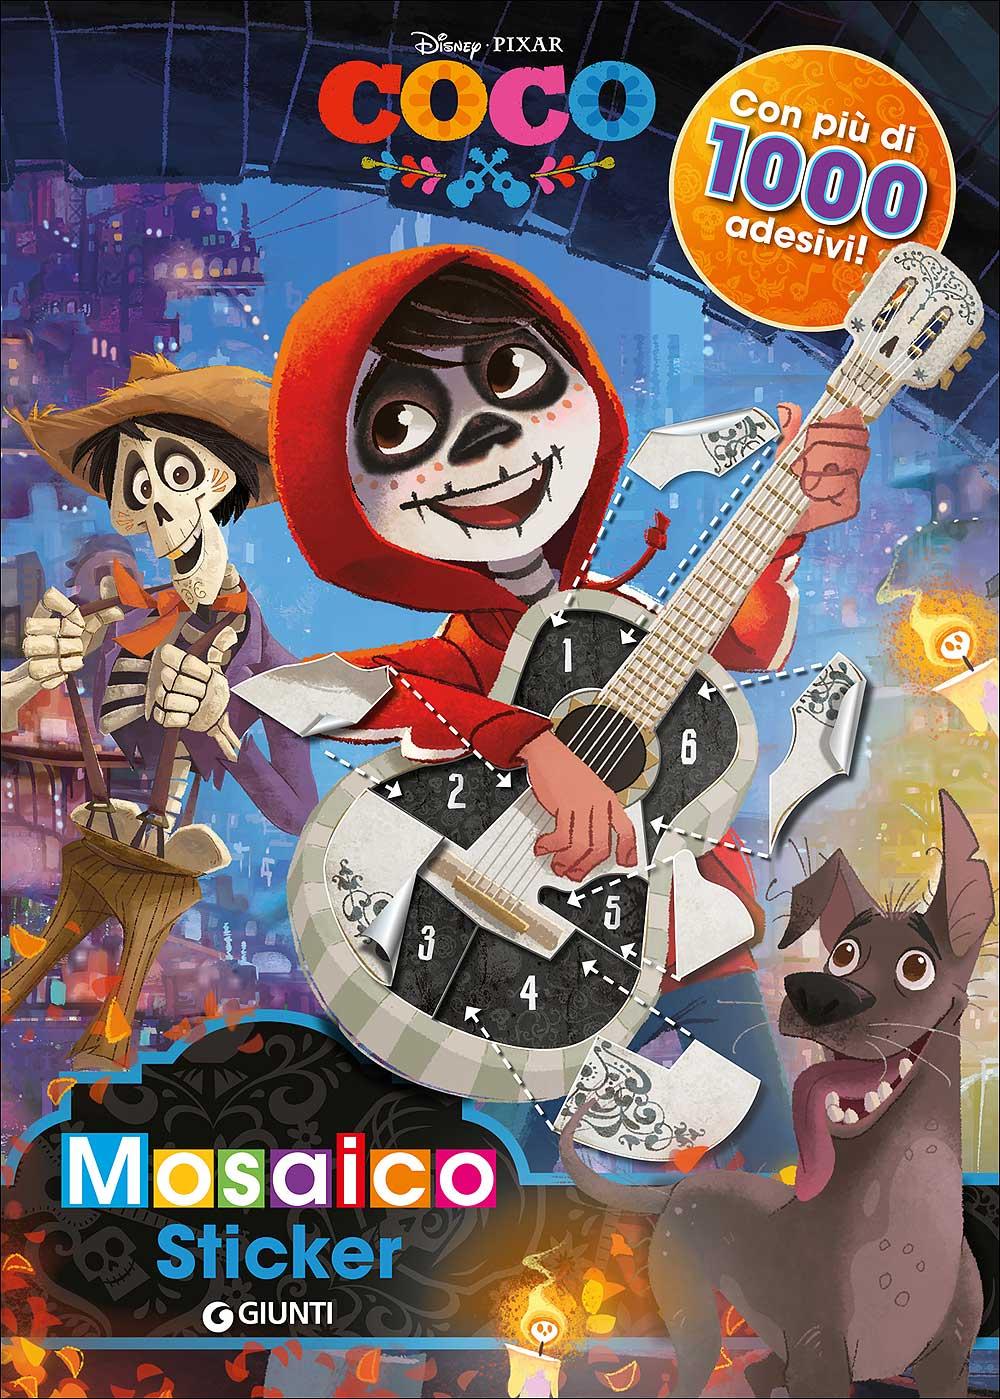 Mosaico Stickers - Coco